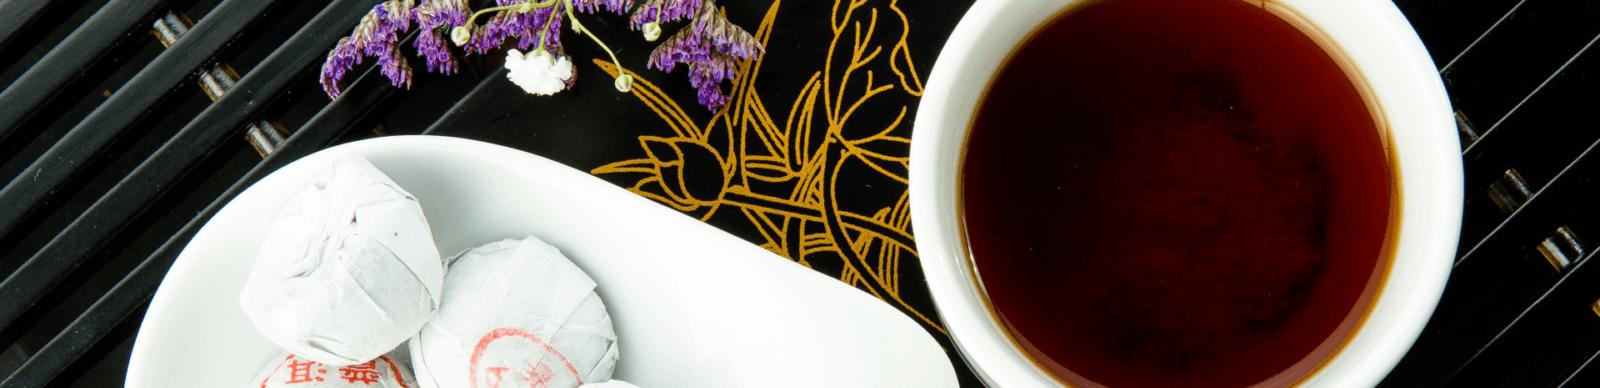 Купить прессованный чай Мини То Ча (маленькая чаша) оптом и в розницу - магазин чая ПУТЬ ЧАЯ .рф